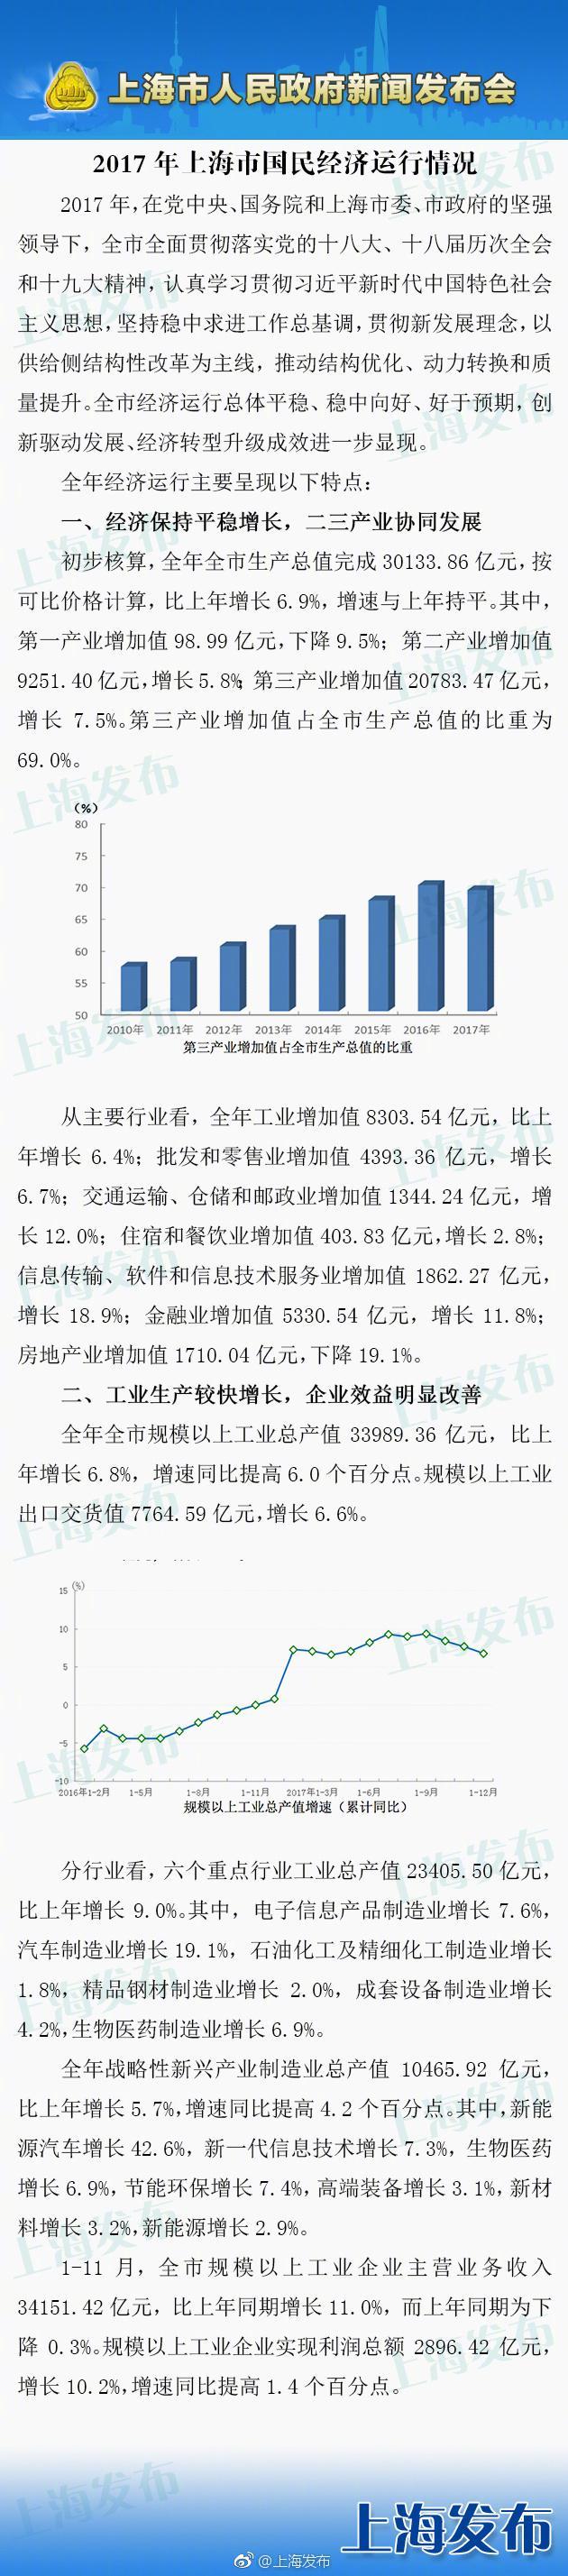 上海2017年GDP达30133亿元 比上年增长6.9%